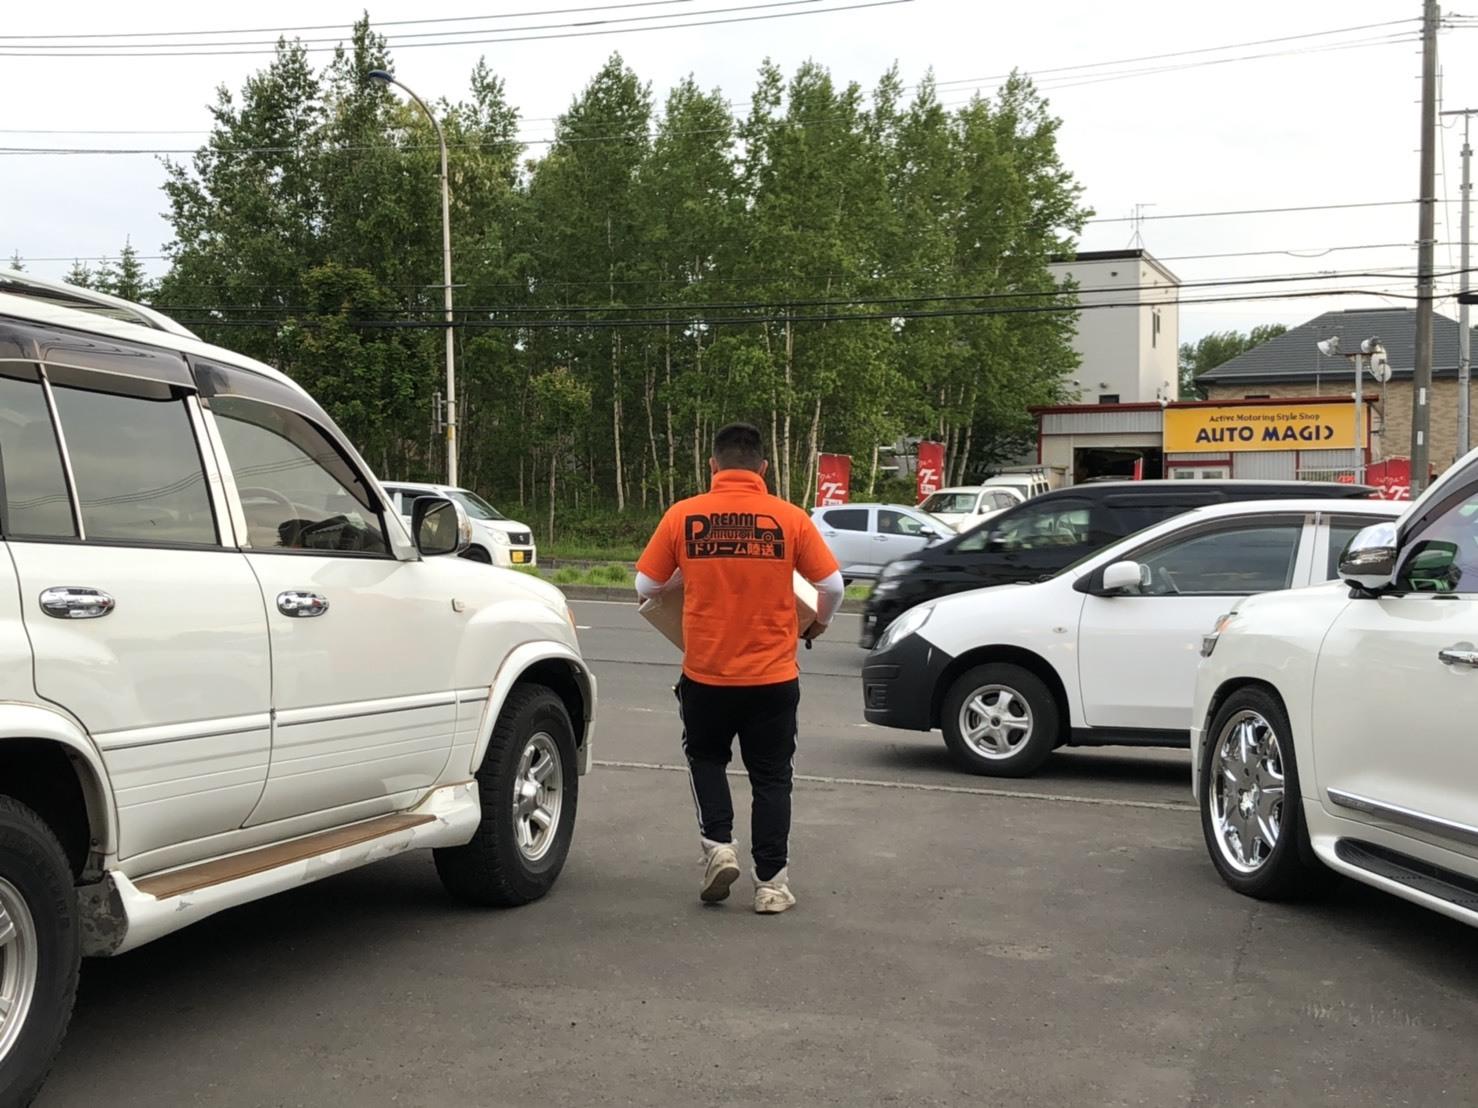 6/11 本店ブログ♪レクサス LX570 4WD☆ワンオーナー ありますよーーー ランクル ハマー キャンピングカー_b0127002_19082572.jpg